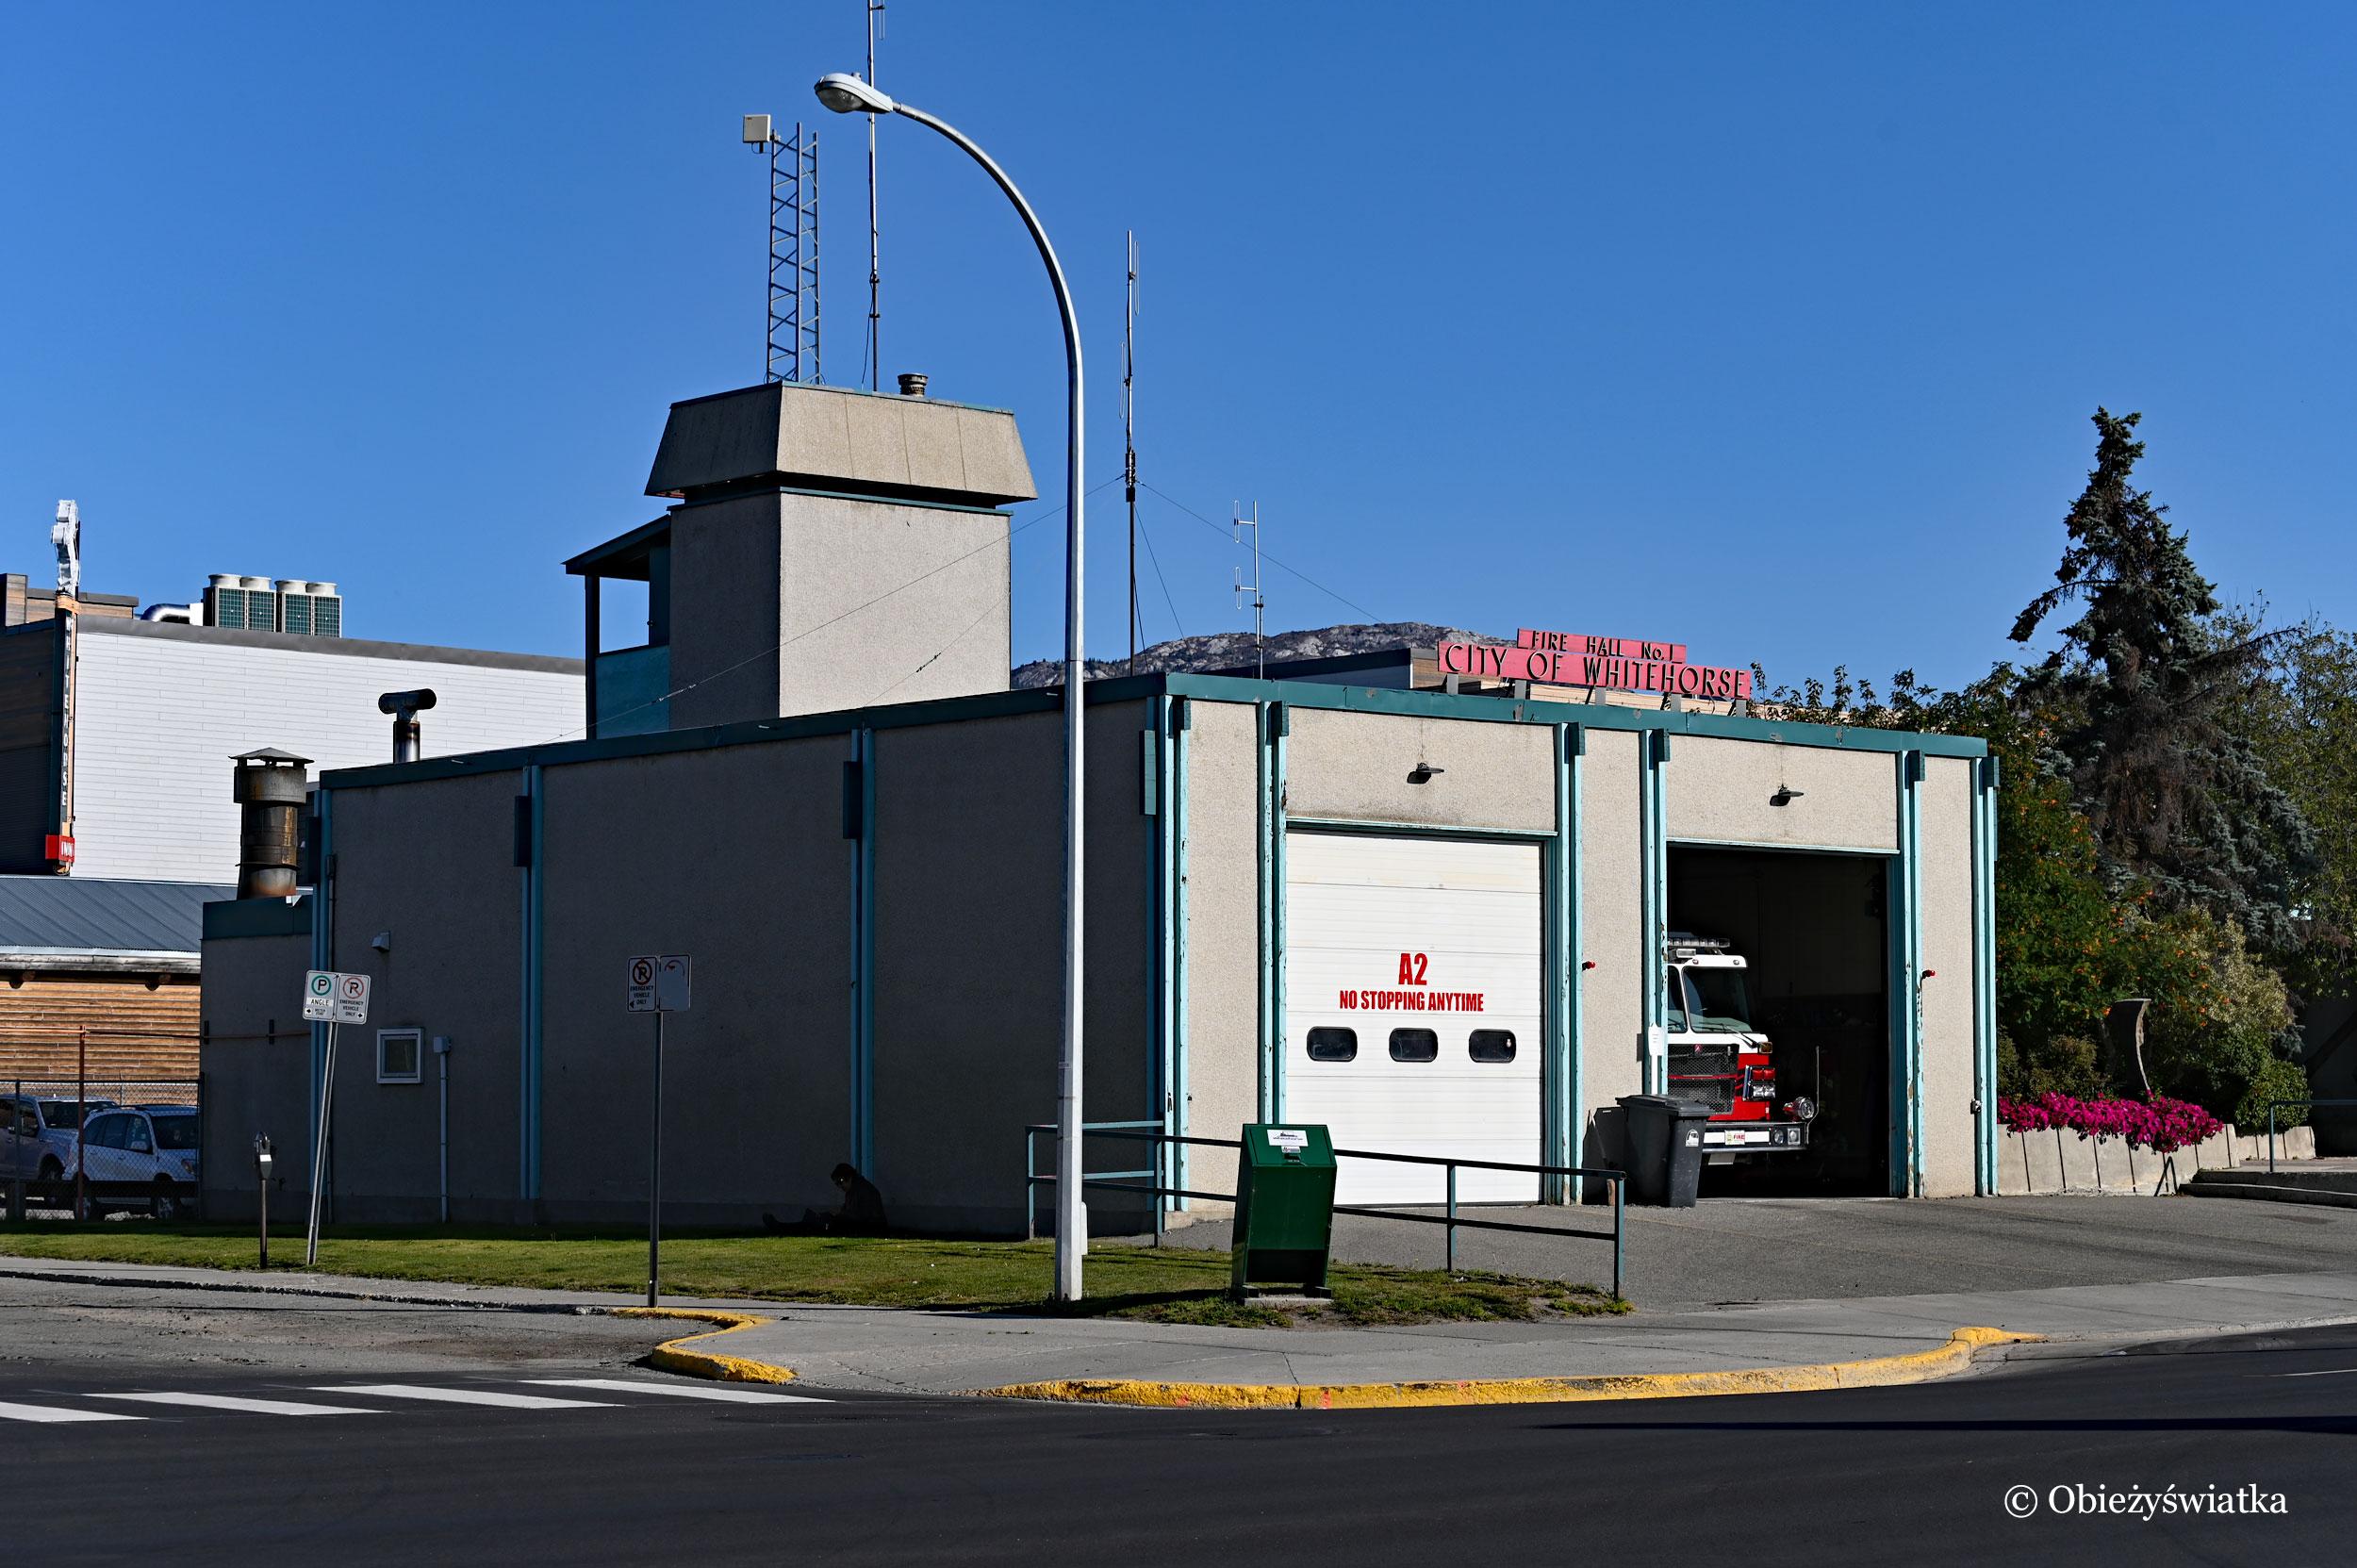 Straż pożarna, Whitehorse, Kanada